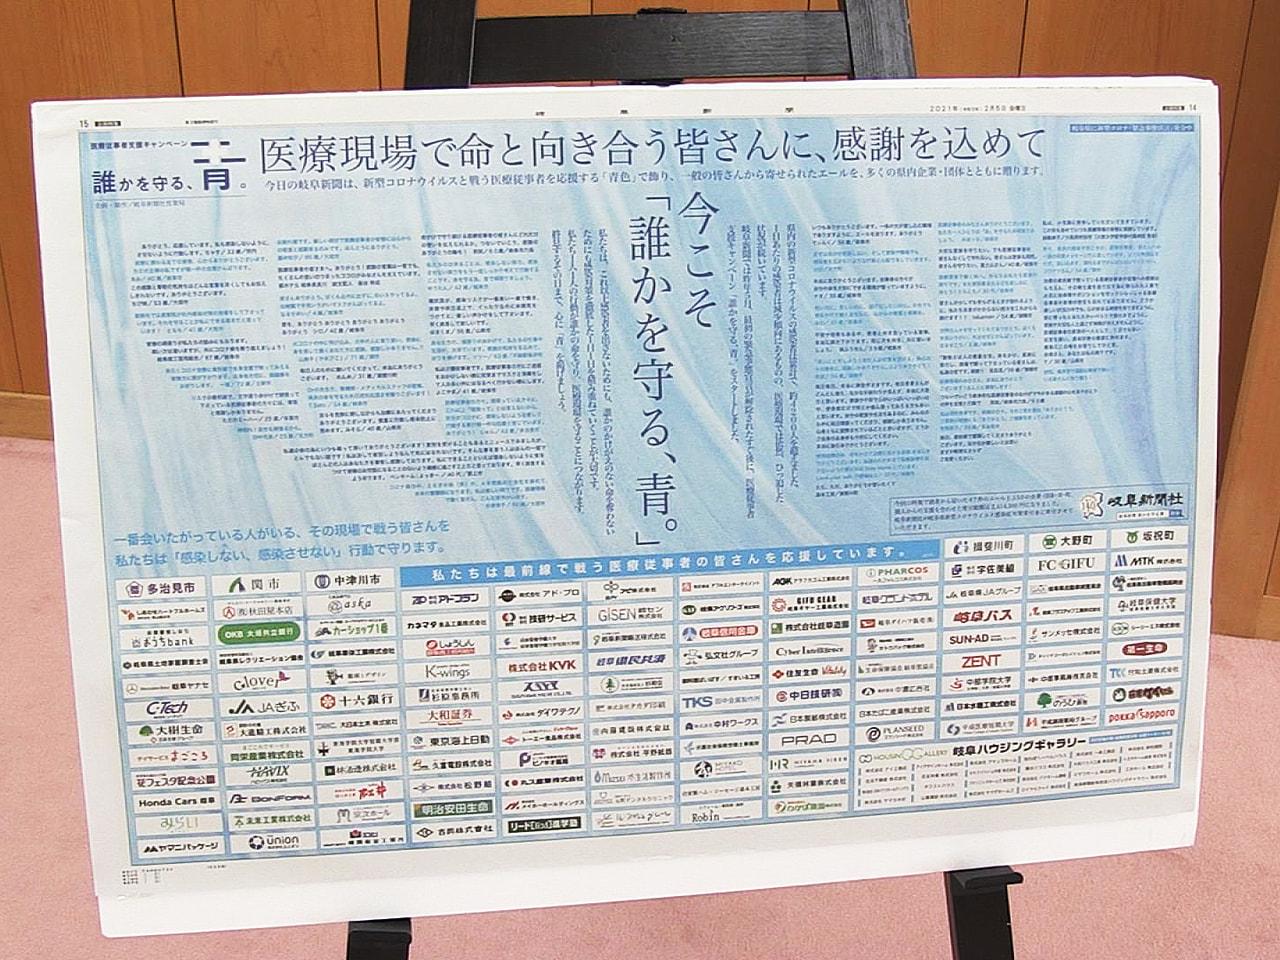 岐阜県の新型コロナウイルス対策を支援するため、岐阜新聞社は19日、およそ320万...